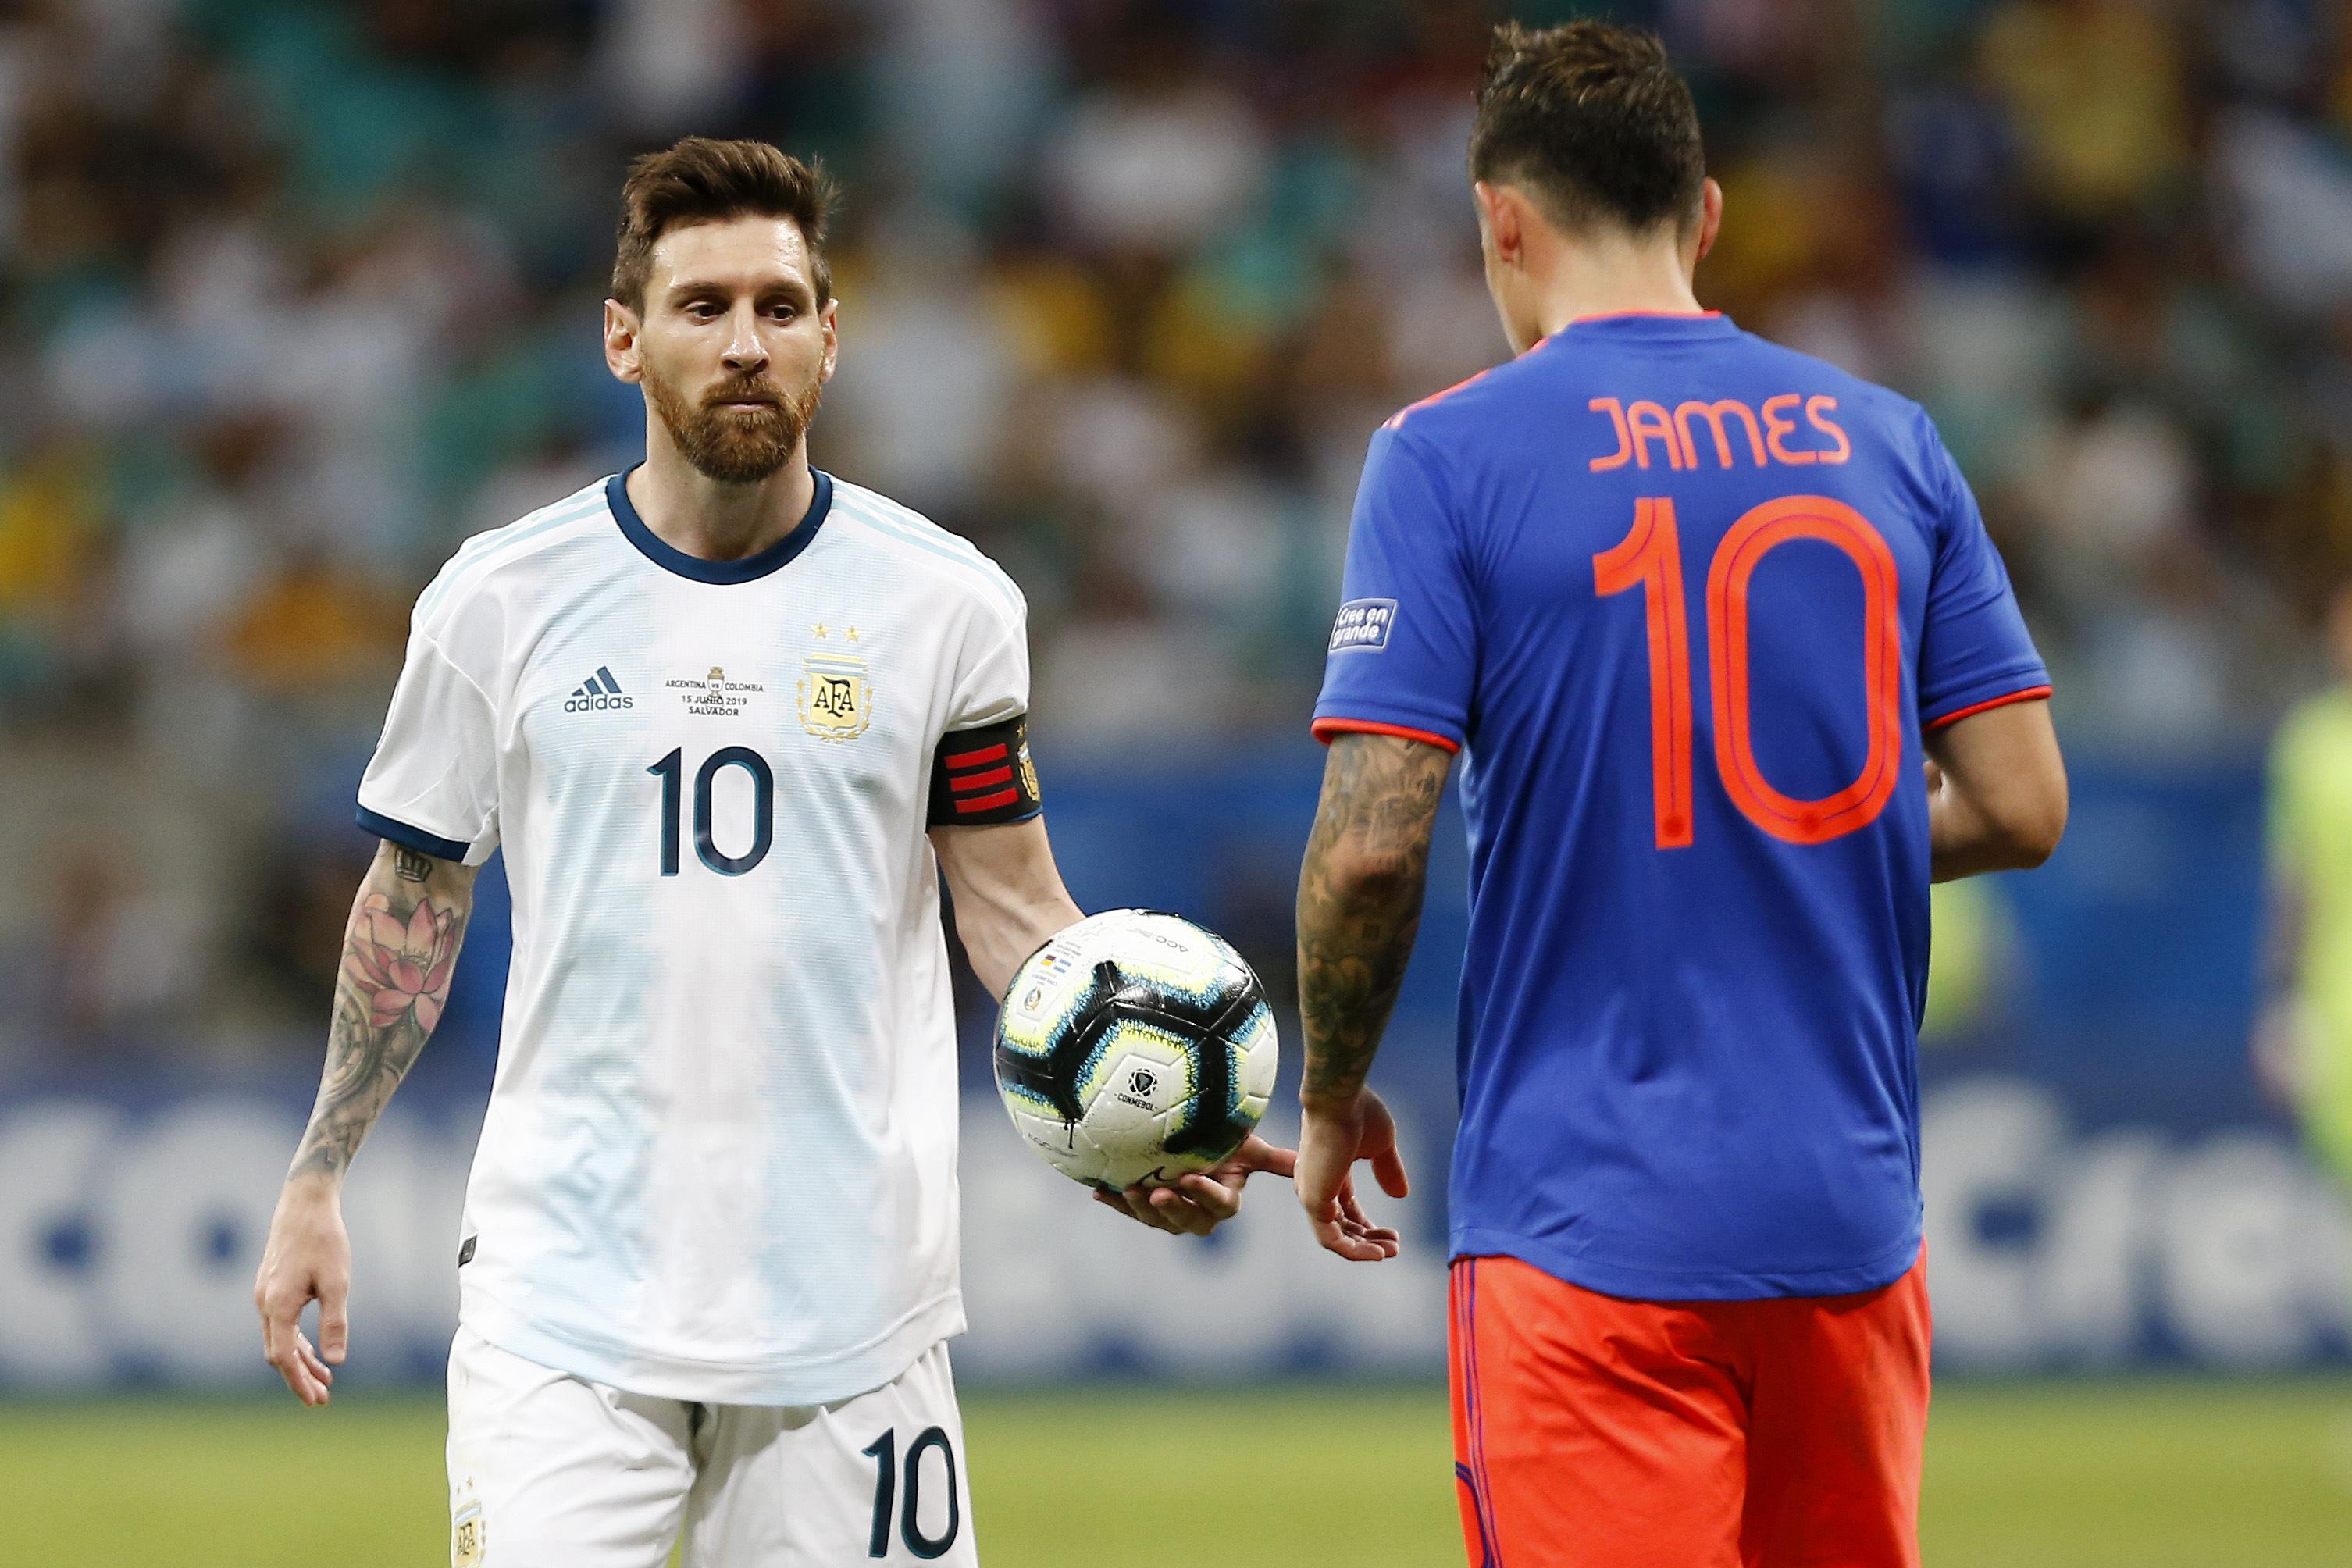 Rompe Apuestas en Copa América: Resultados inesperados